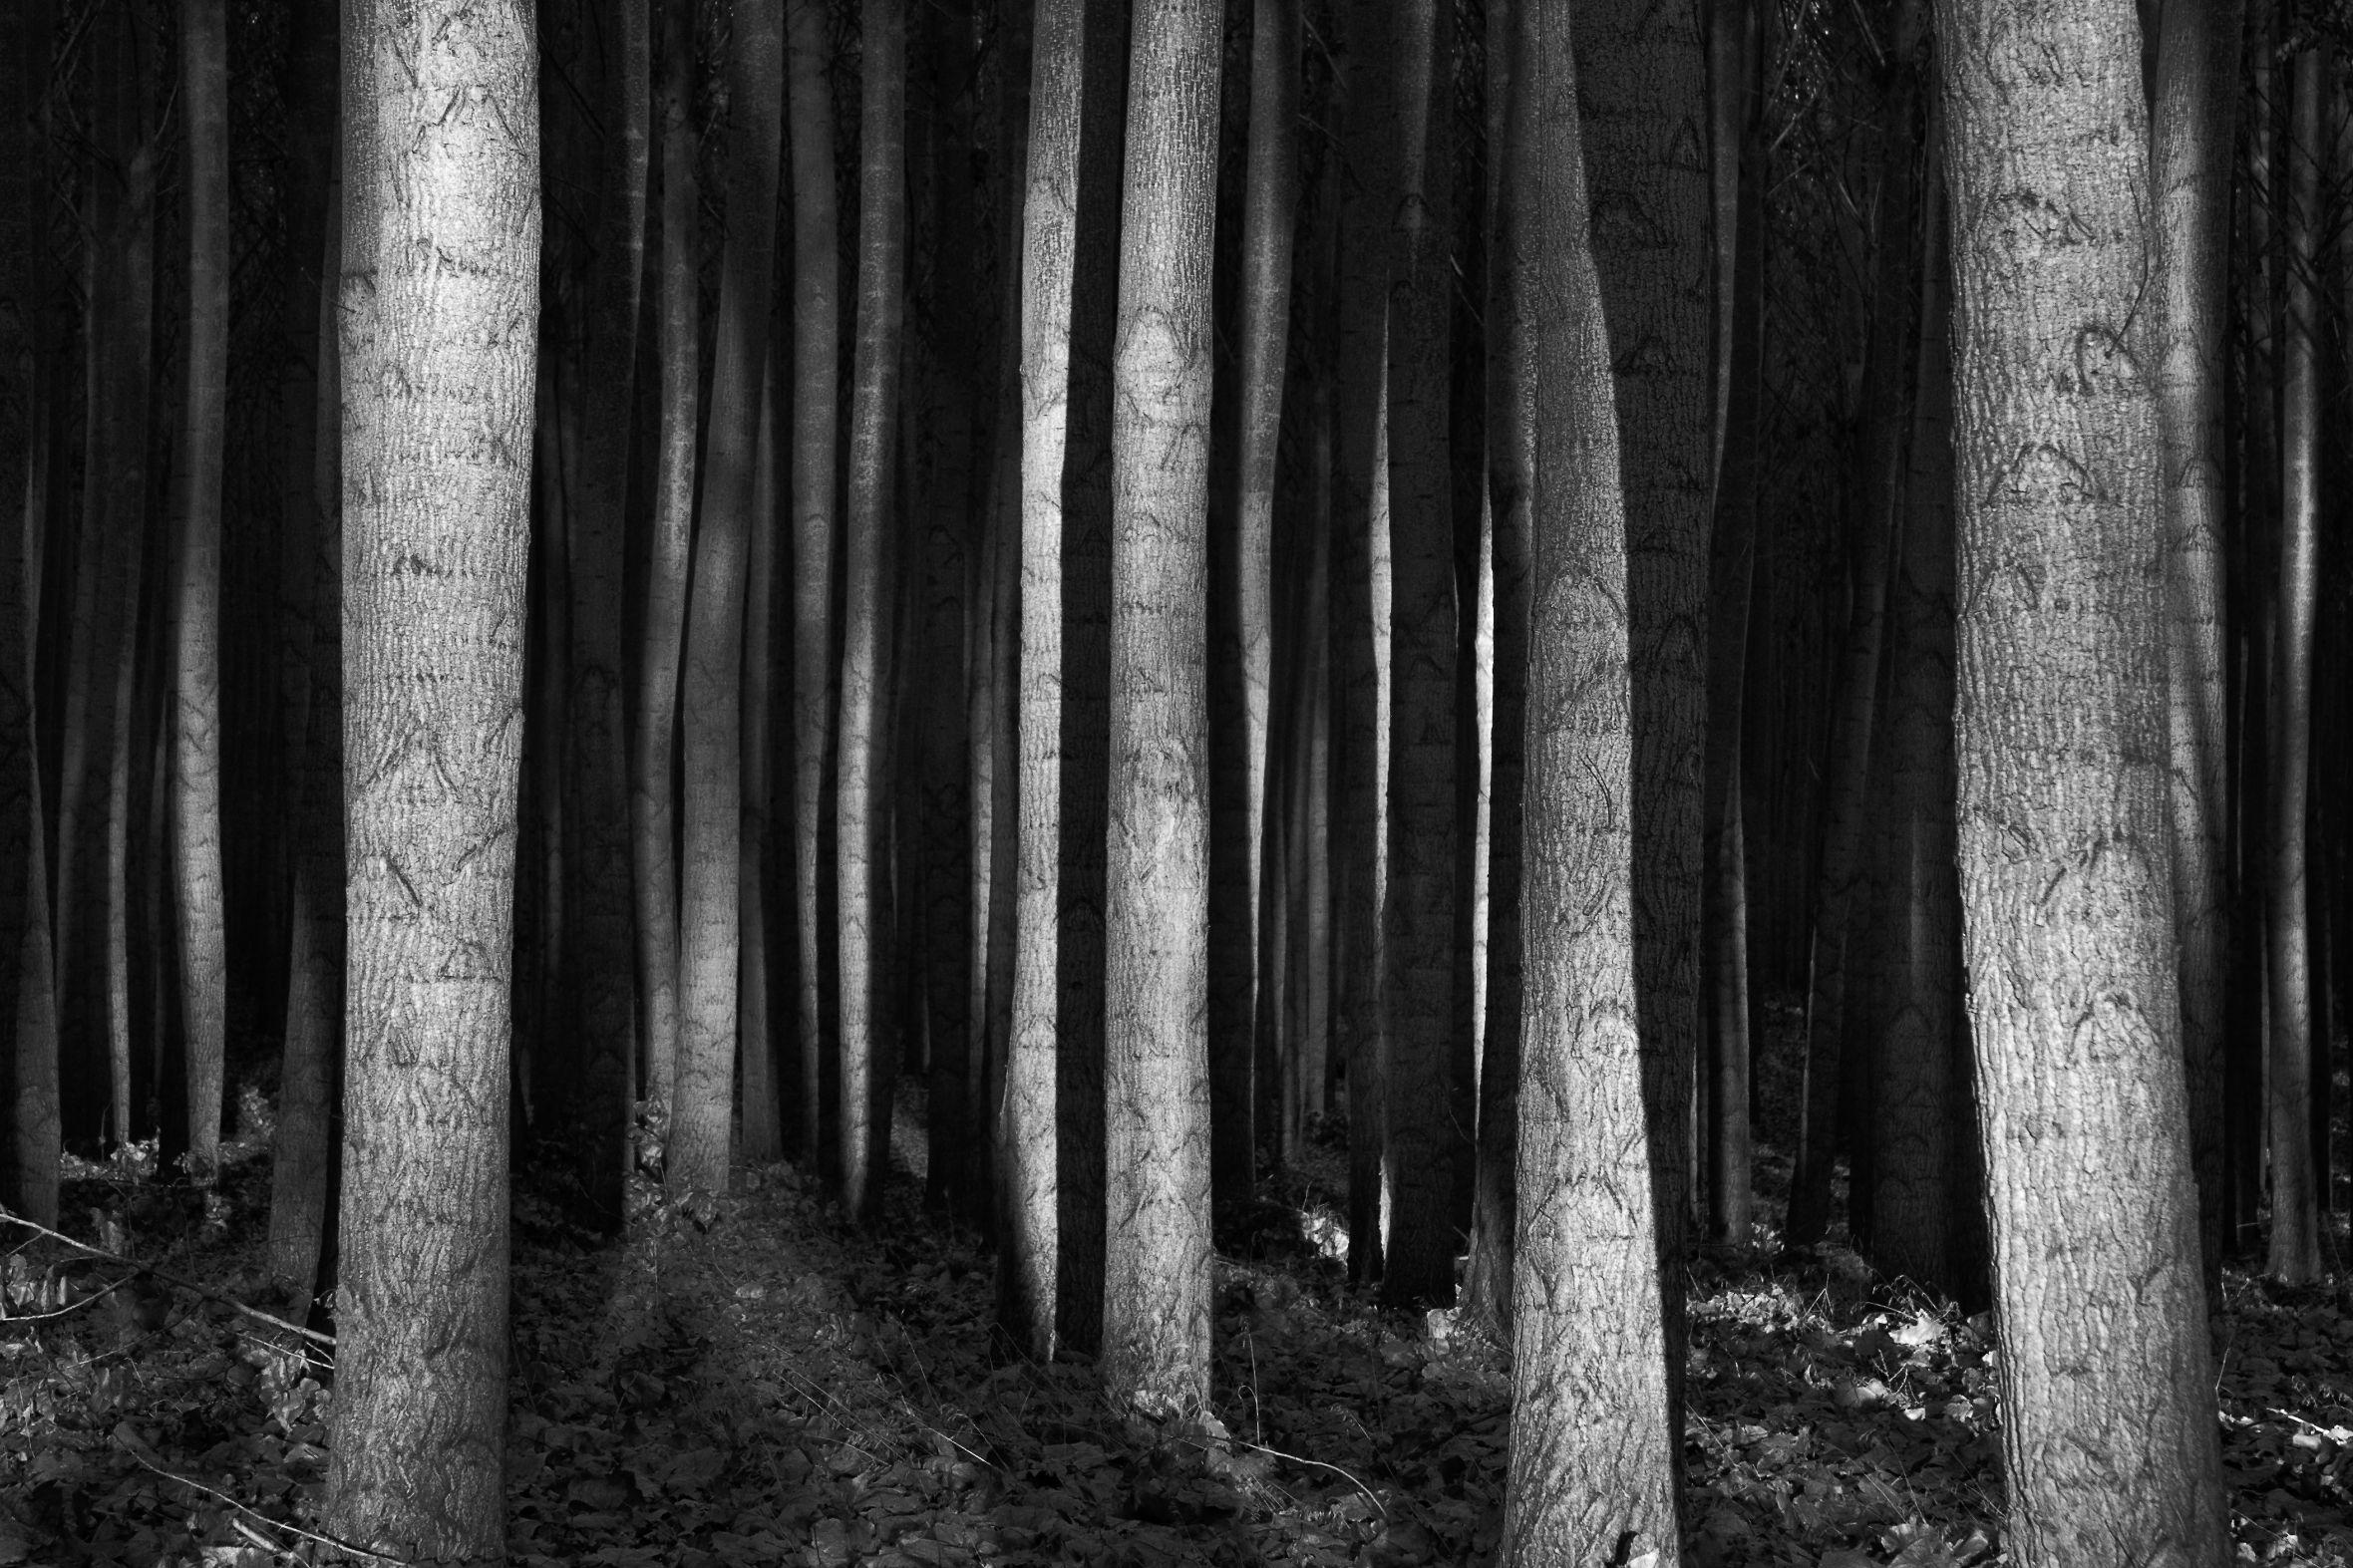 434 - Blackwood - Black